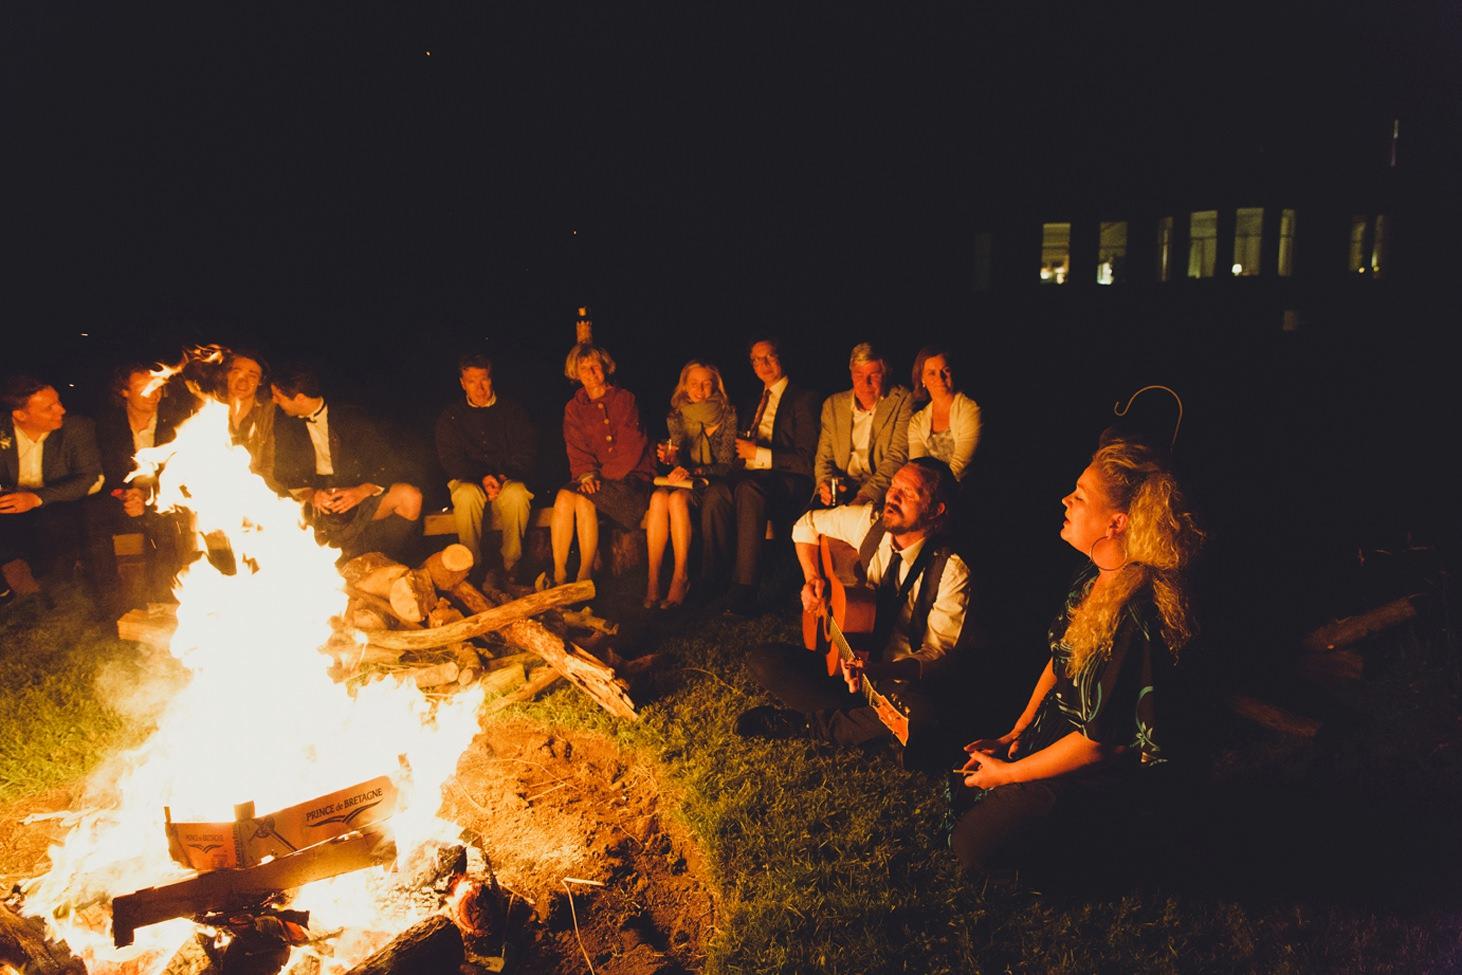 mount stuart wedding photography singing round bonfire